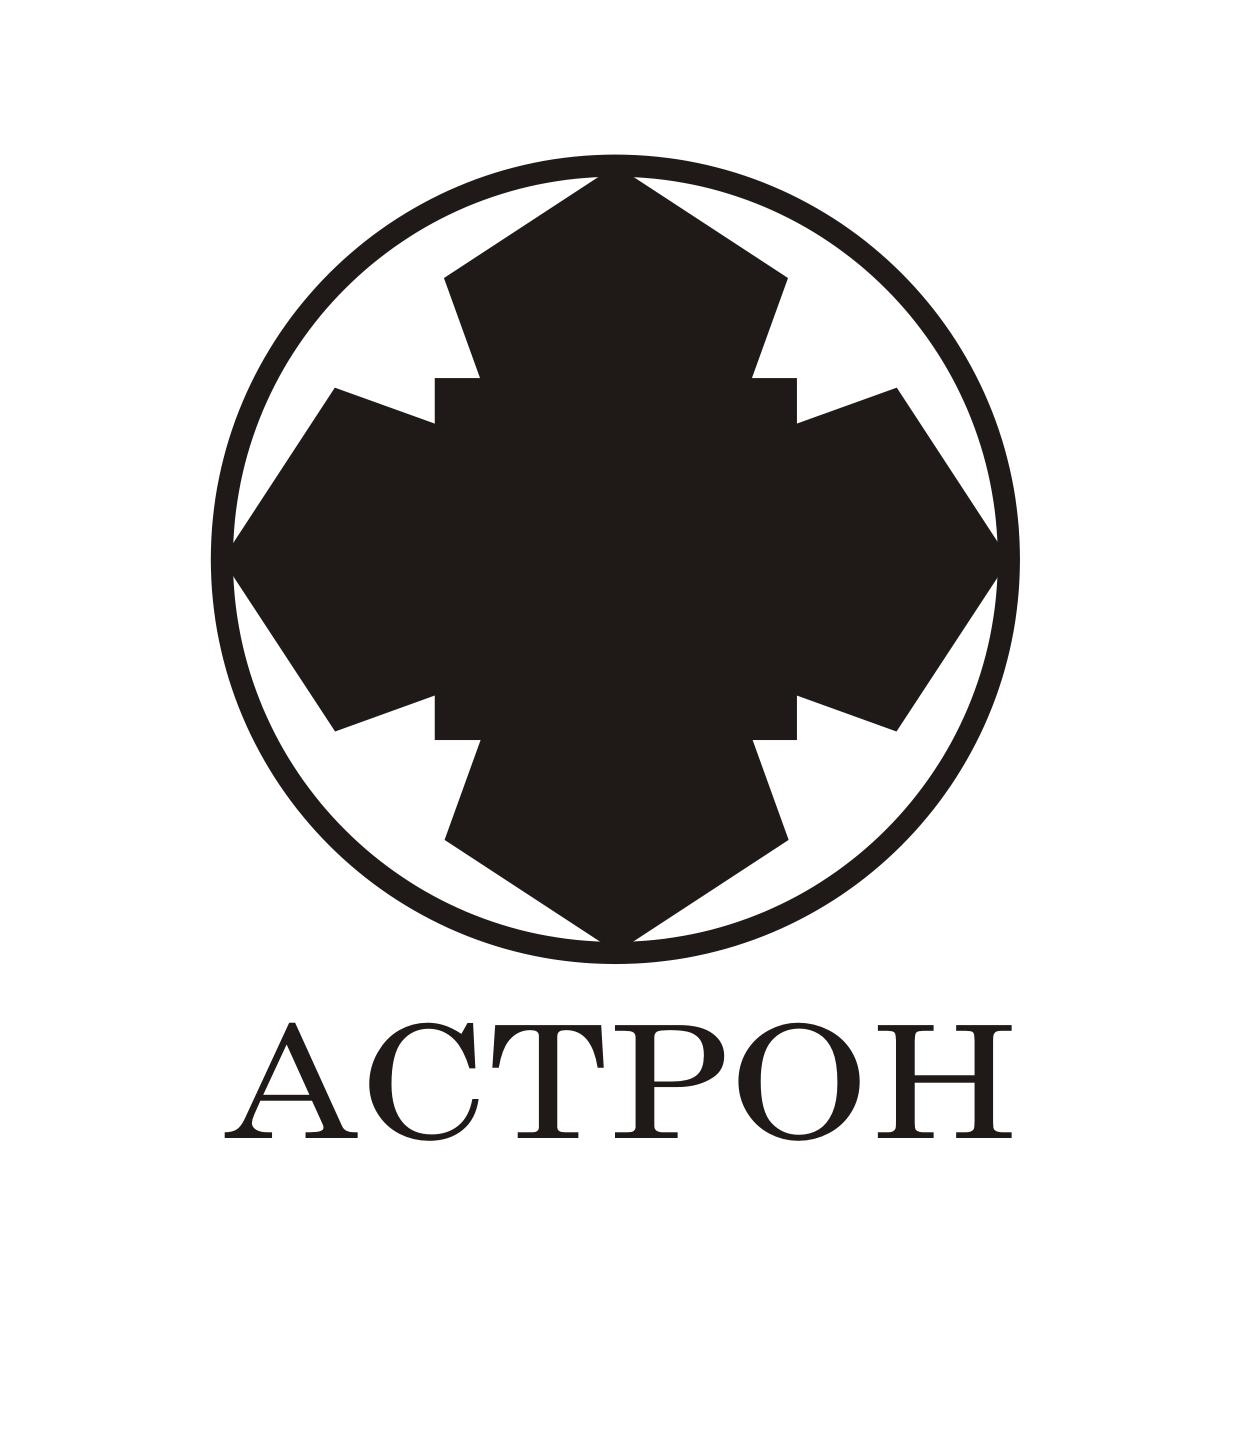 Товарный знак оптоэлектронного предприятия фото f_39753fb1d63aecb0.png